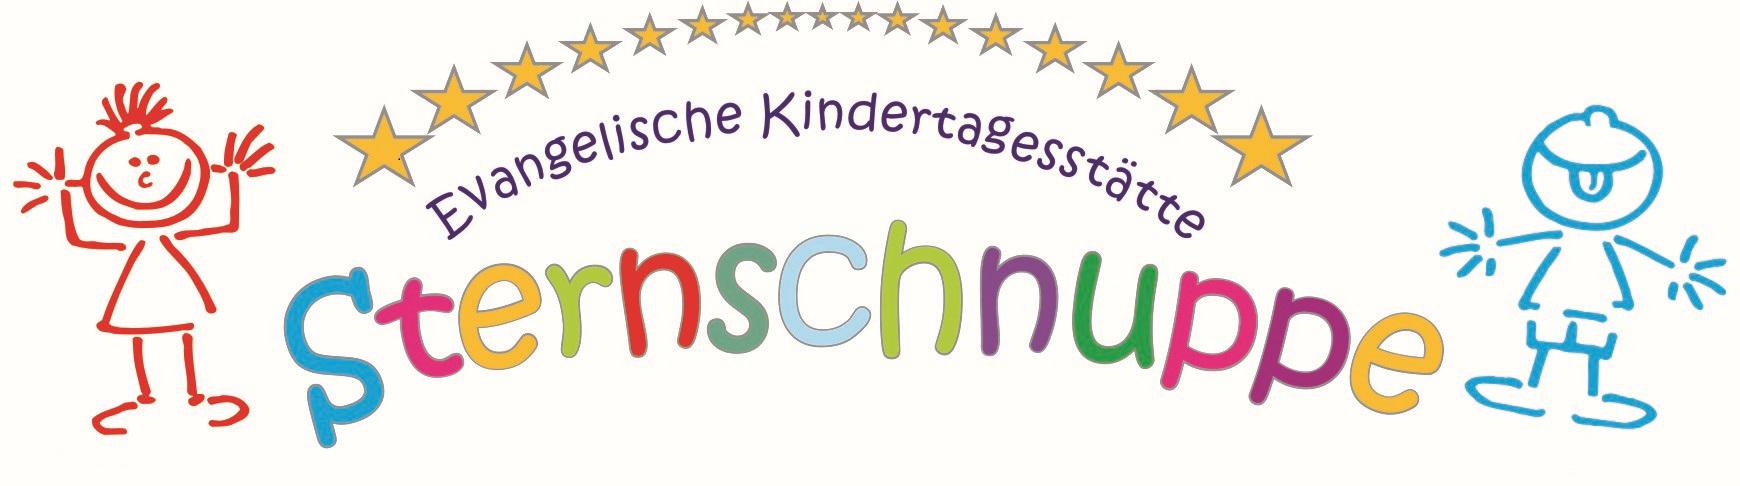 Evangelische Kindertagesstätte Sternschnuppe